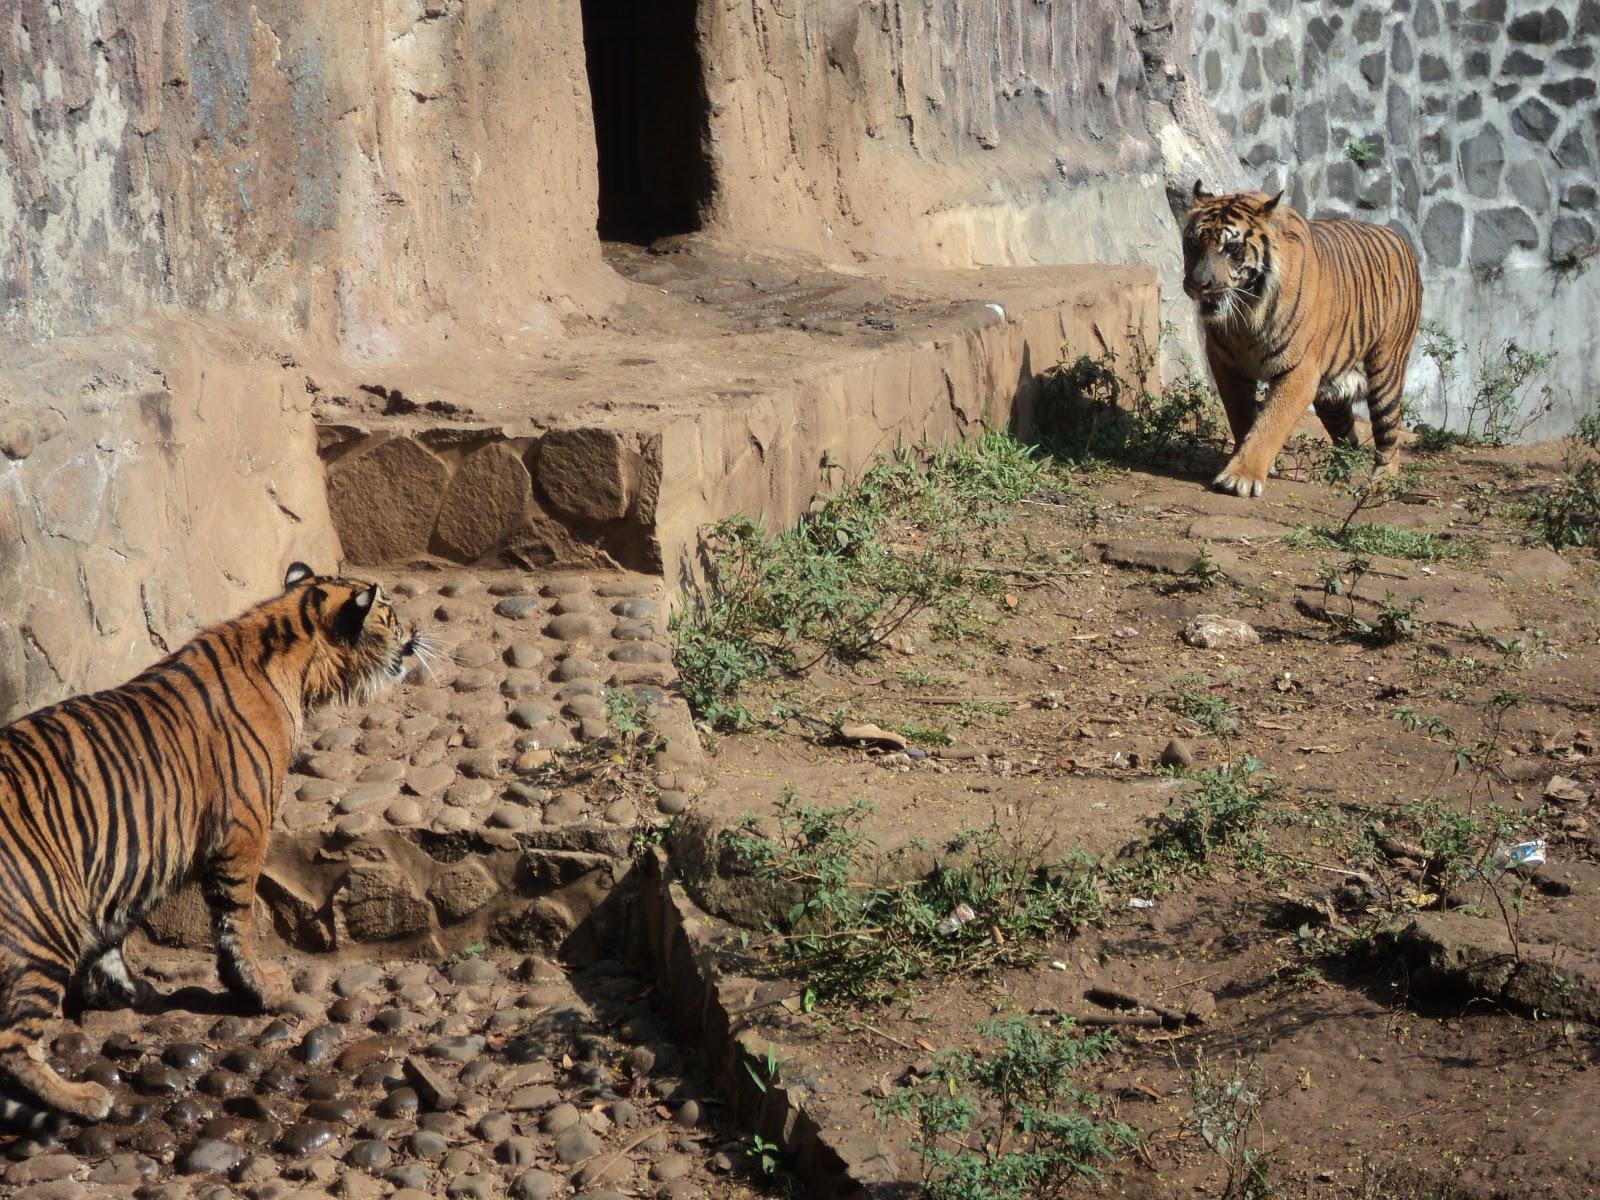 Judul Foto : Harimau (Pathera tigris sumatrae)